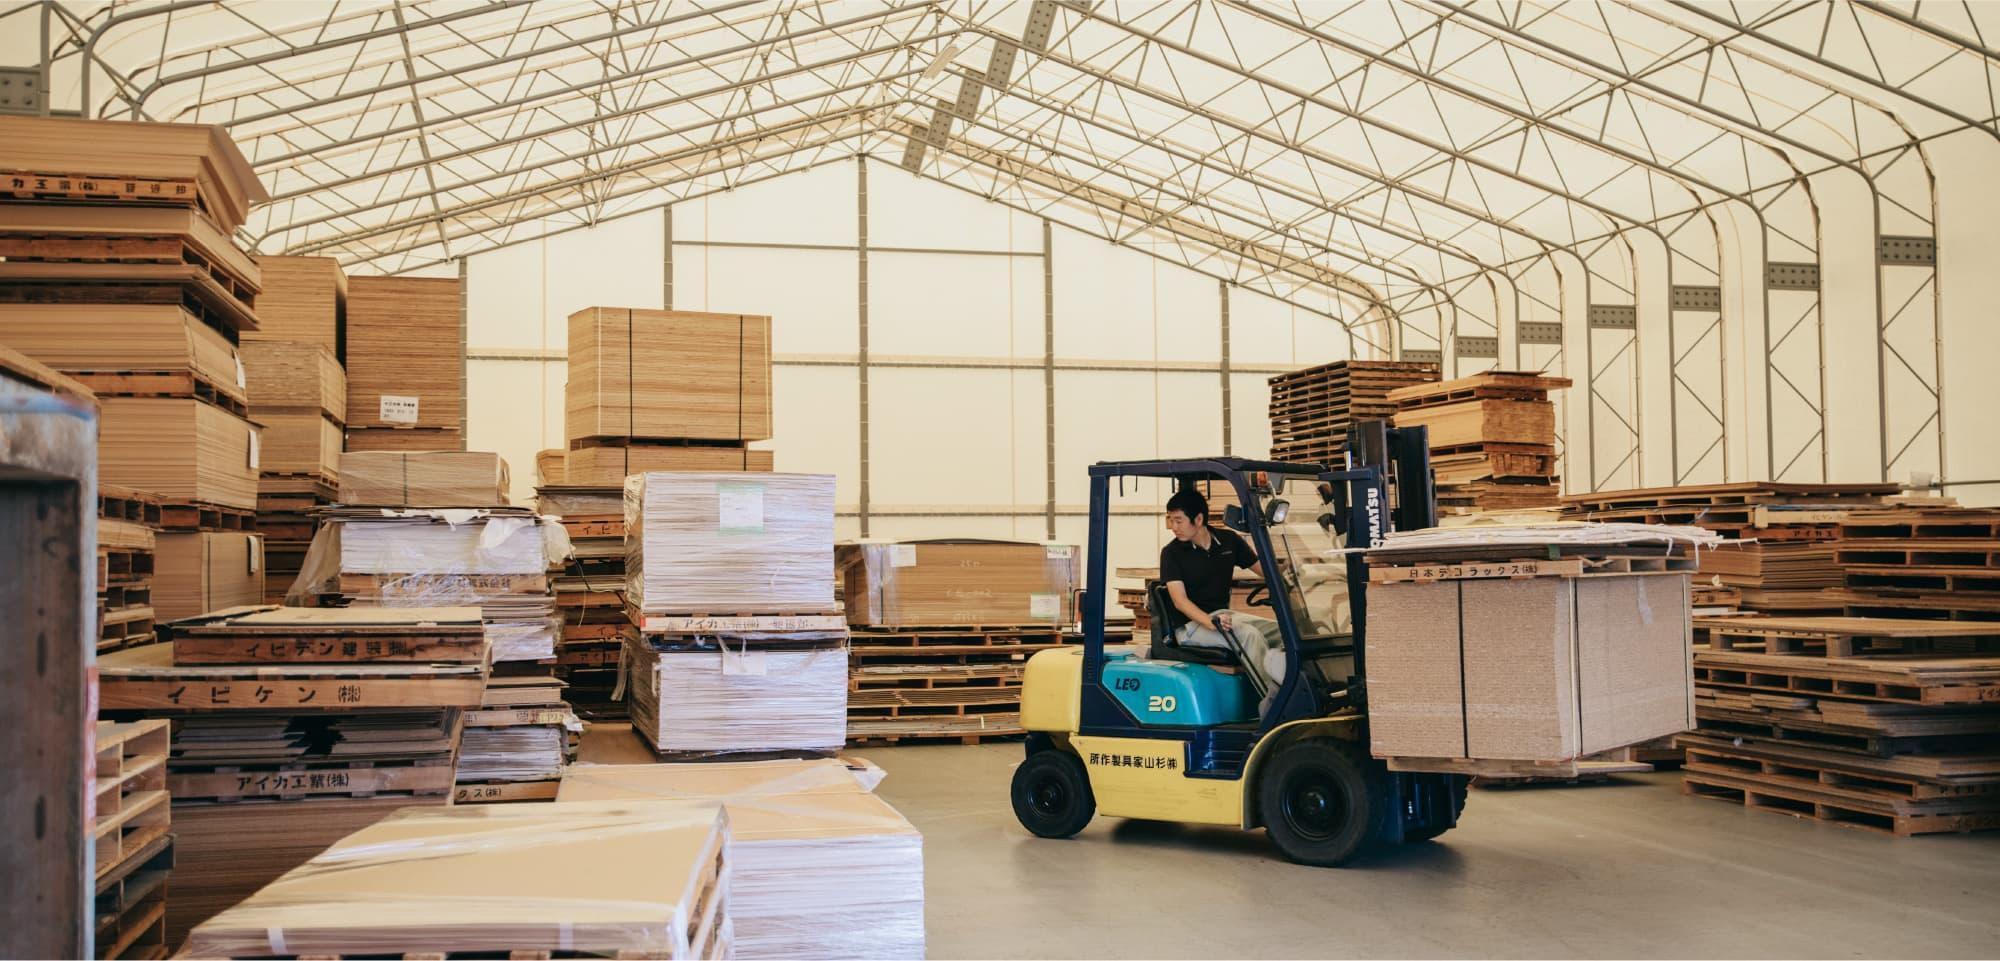 大型倉庫設備